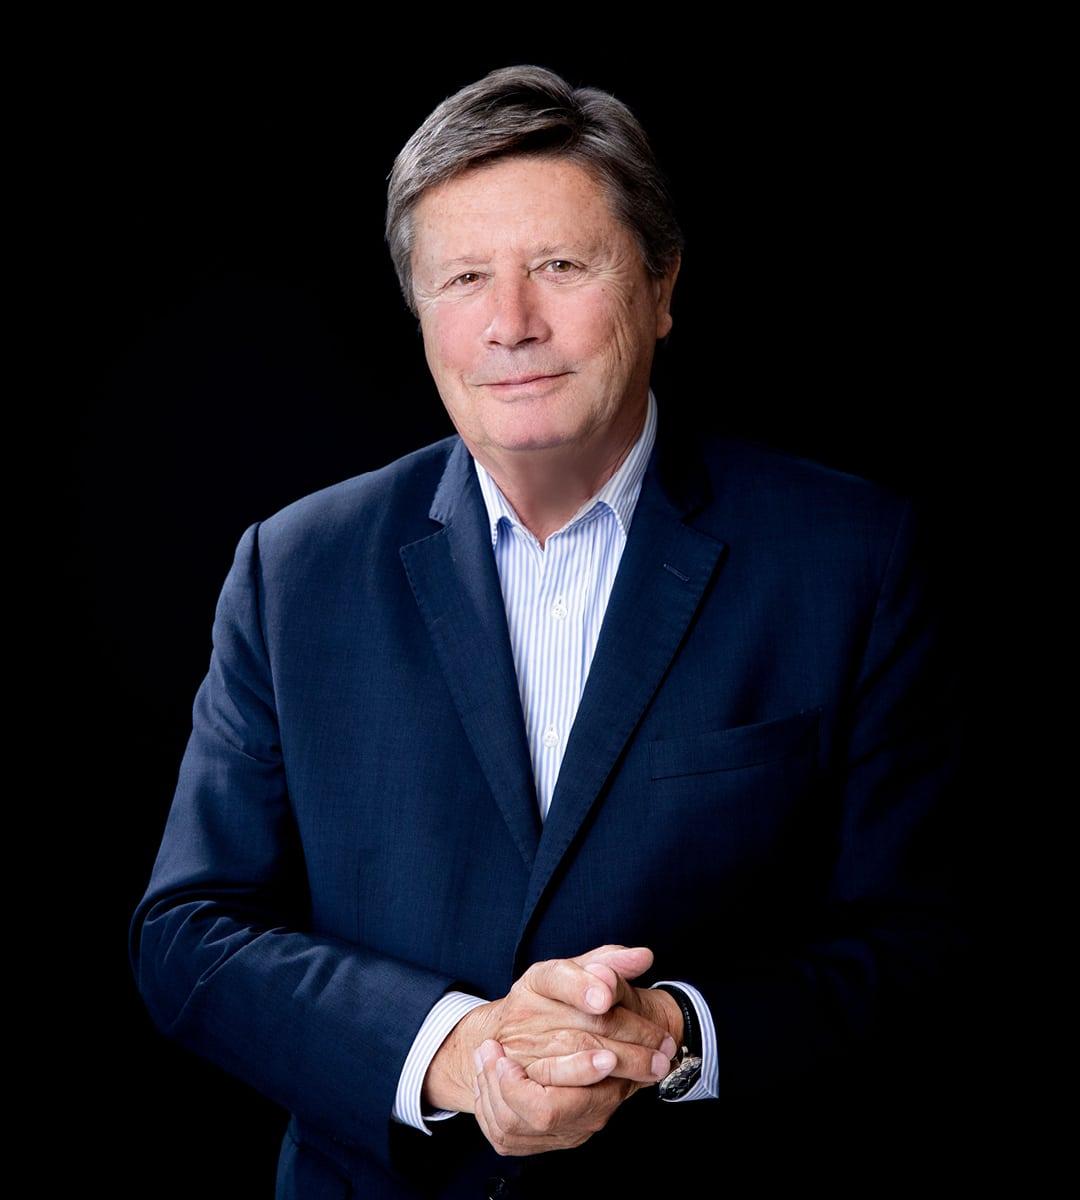 Patrick Vandromme